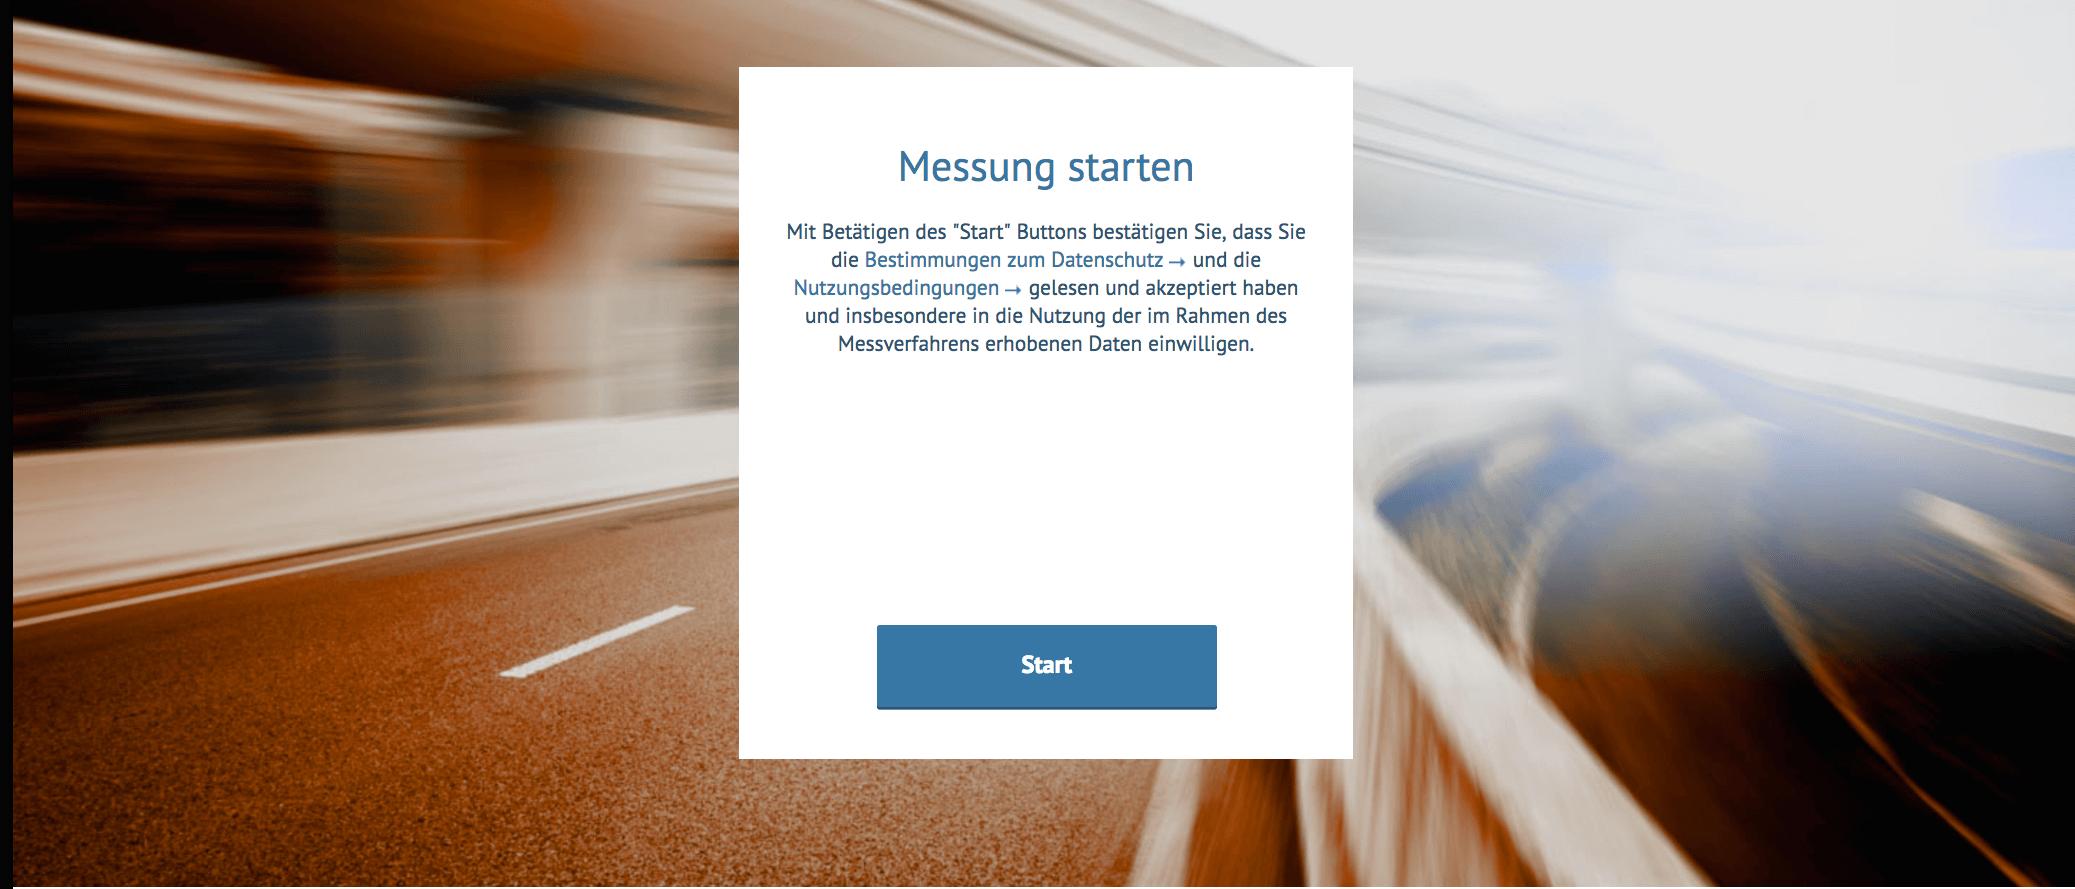 Breitbandmessung Messung starten